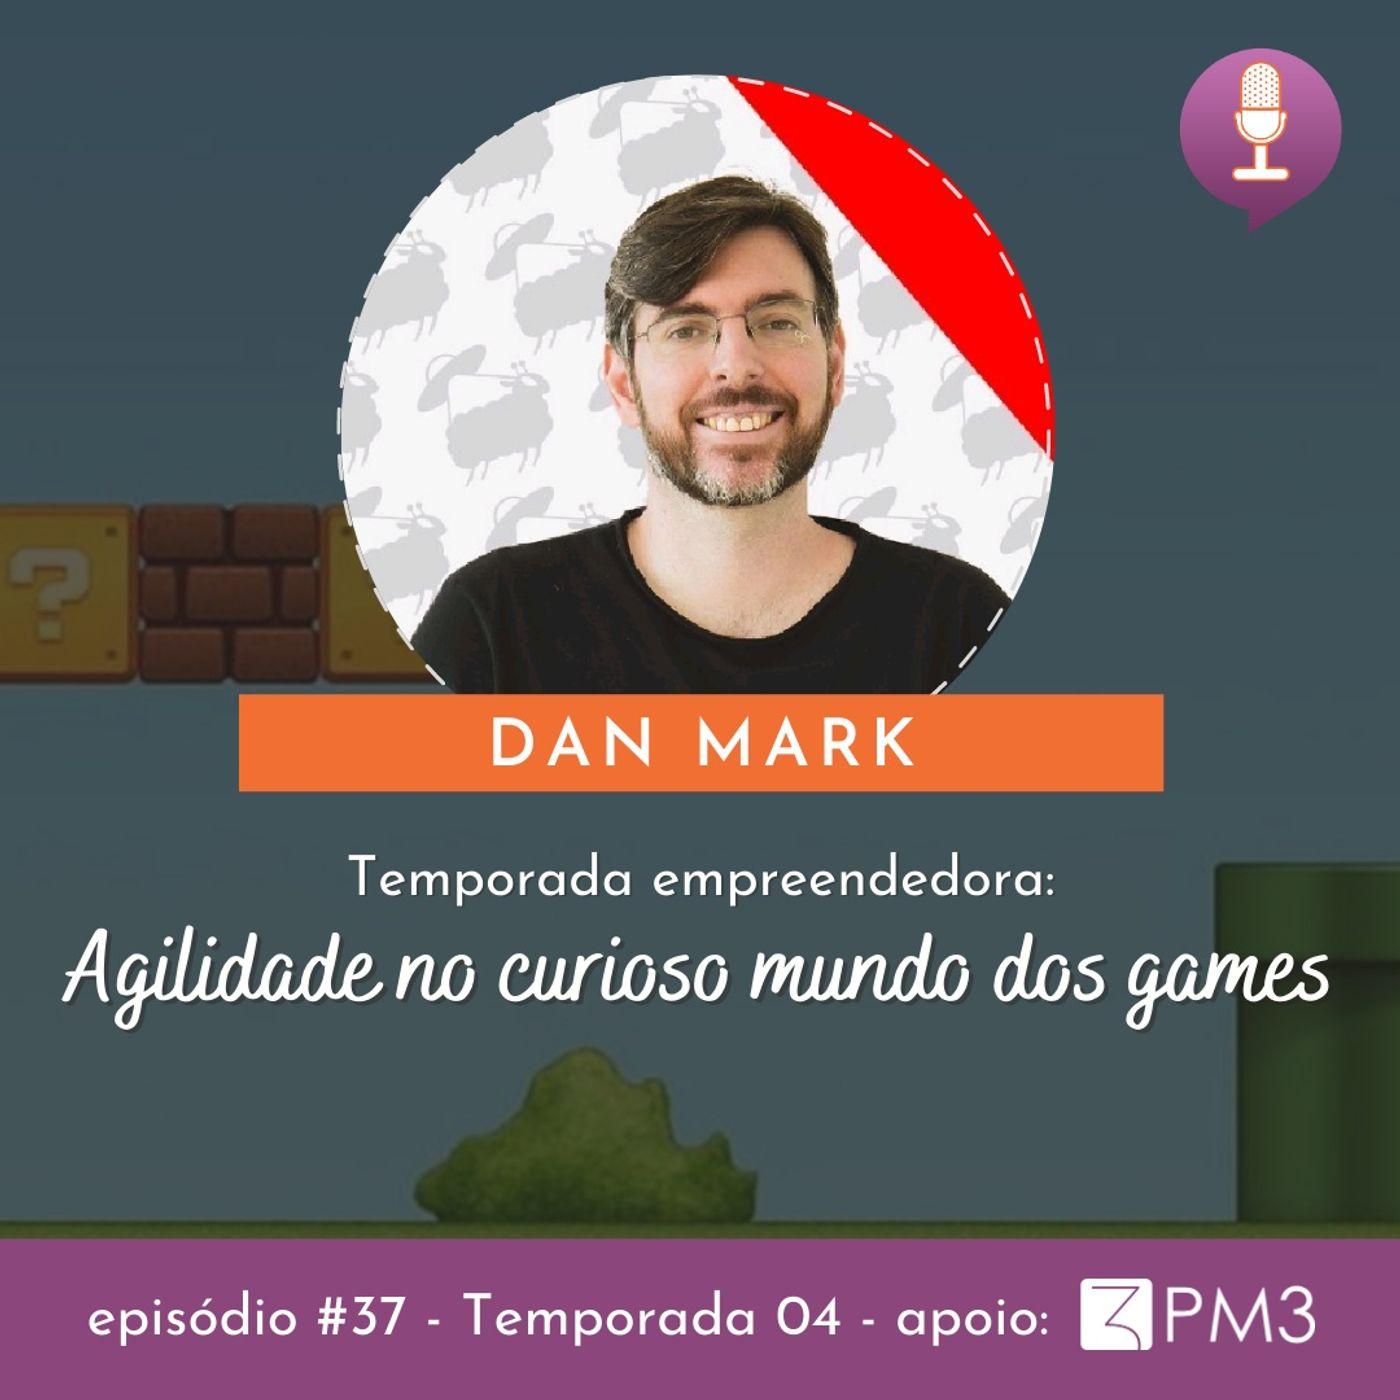 #37 - Agilidade no curioso mundo dos games c/ Dan Mark